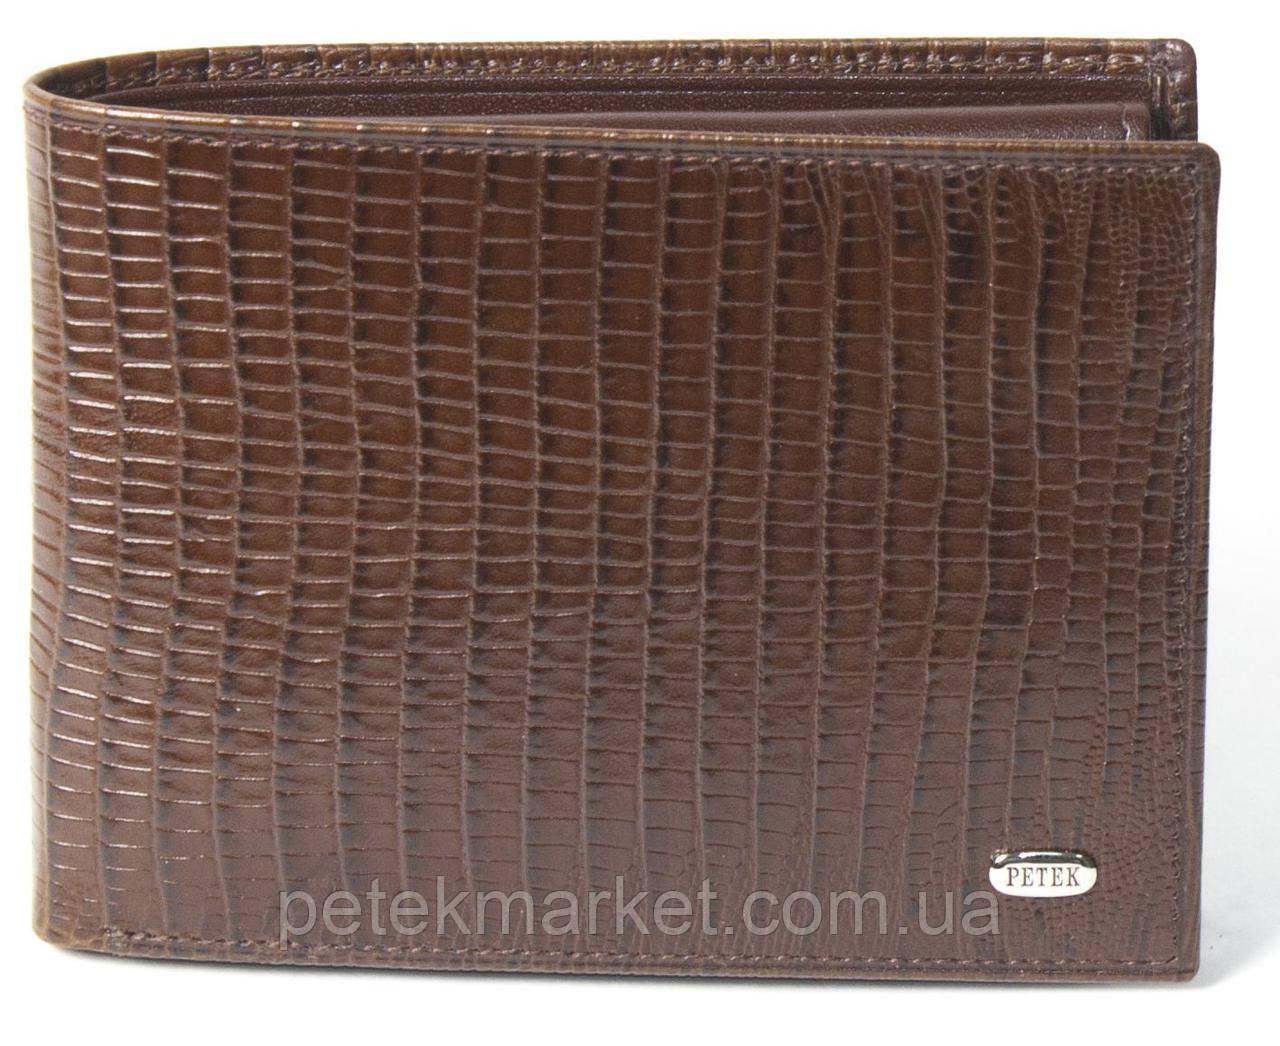 Кожаное мужское портмоне Petek 266-041-02